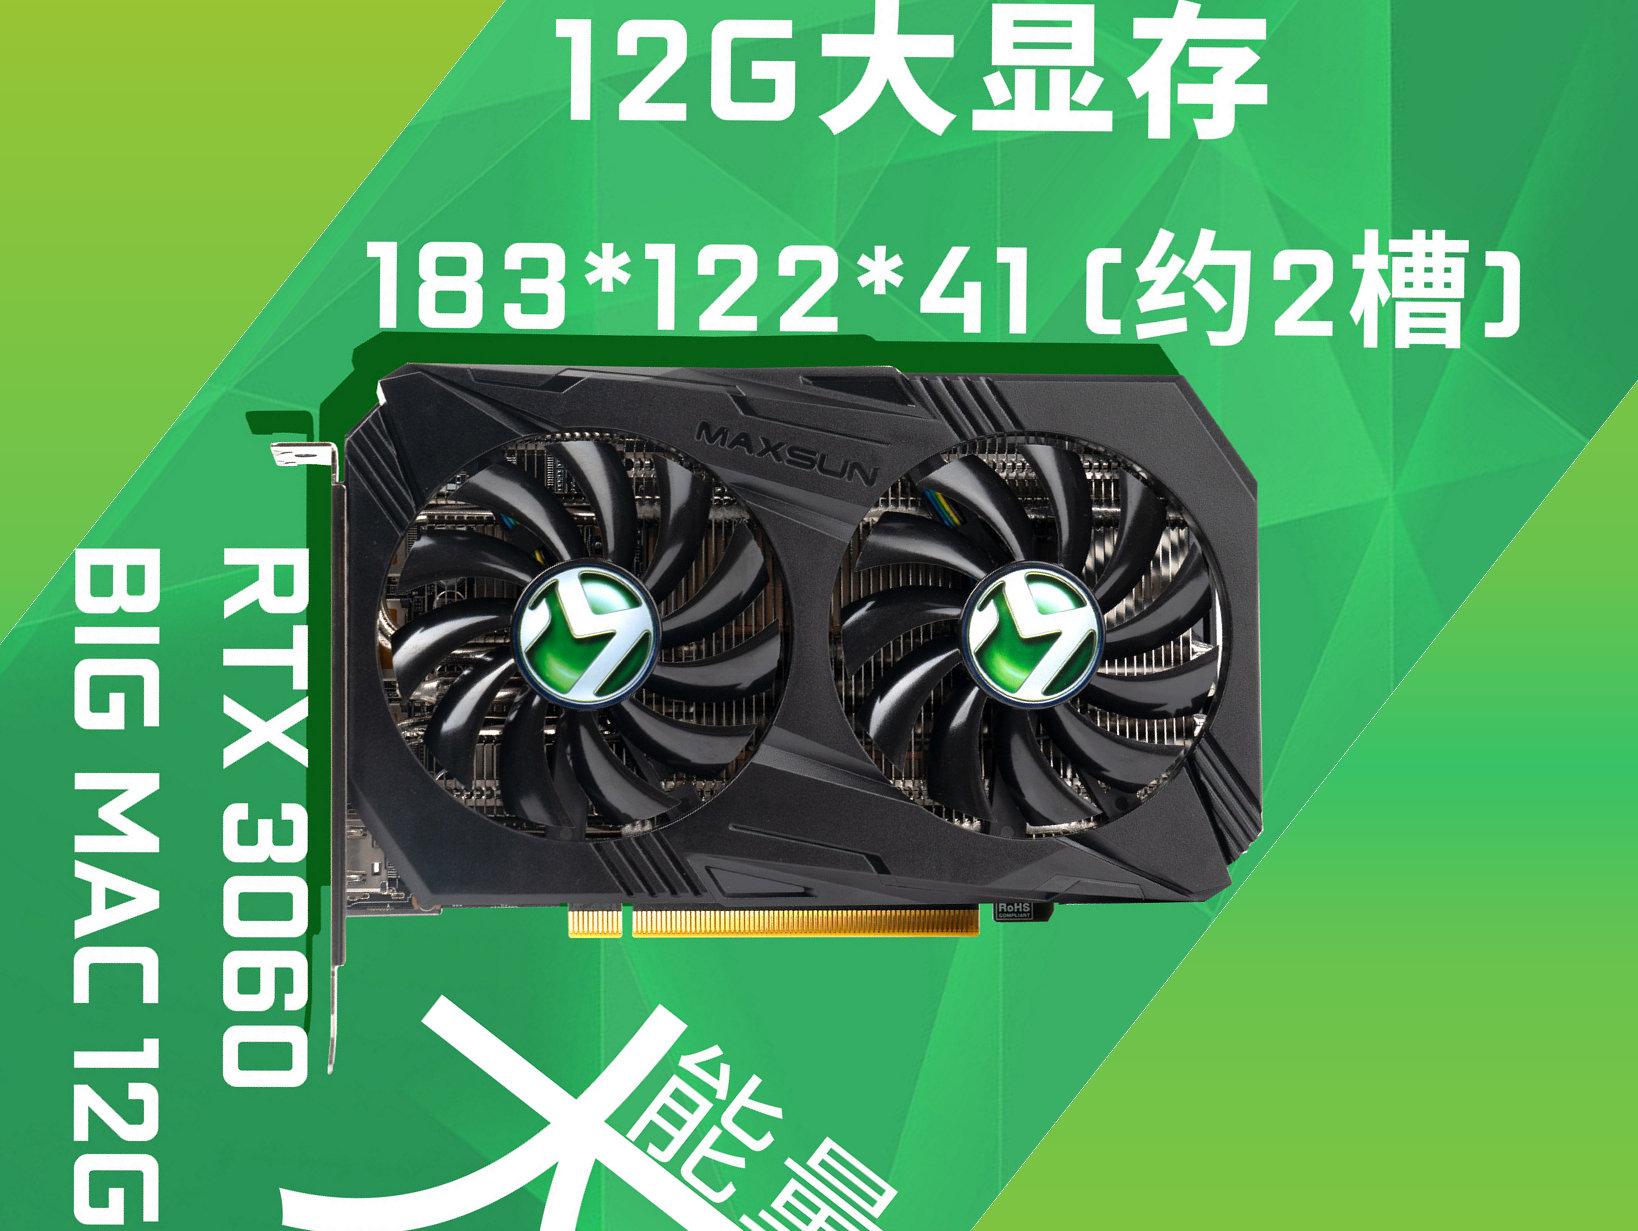 MaxSun представила GeForce RTX 3060 в исполнении Big Mac